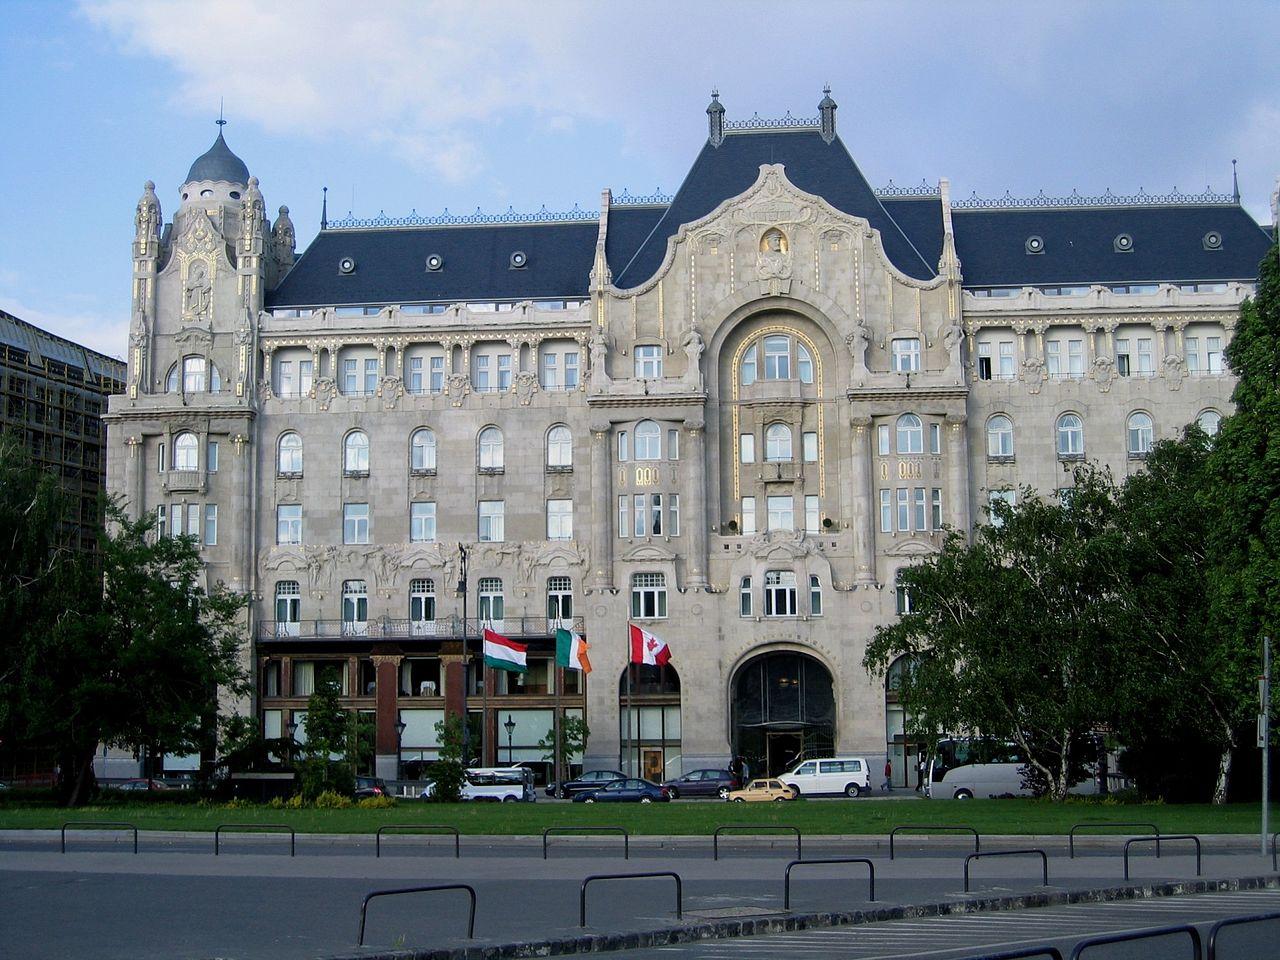 Palais-Gresham